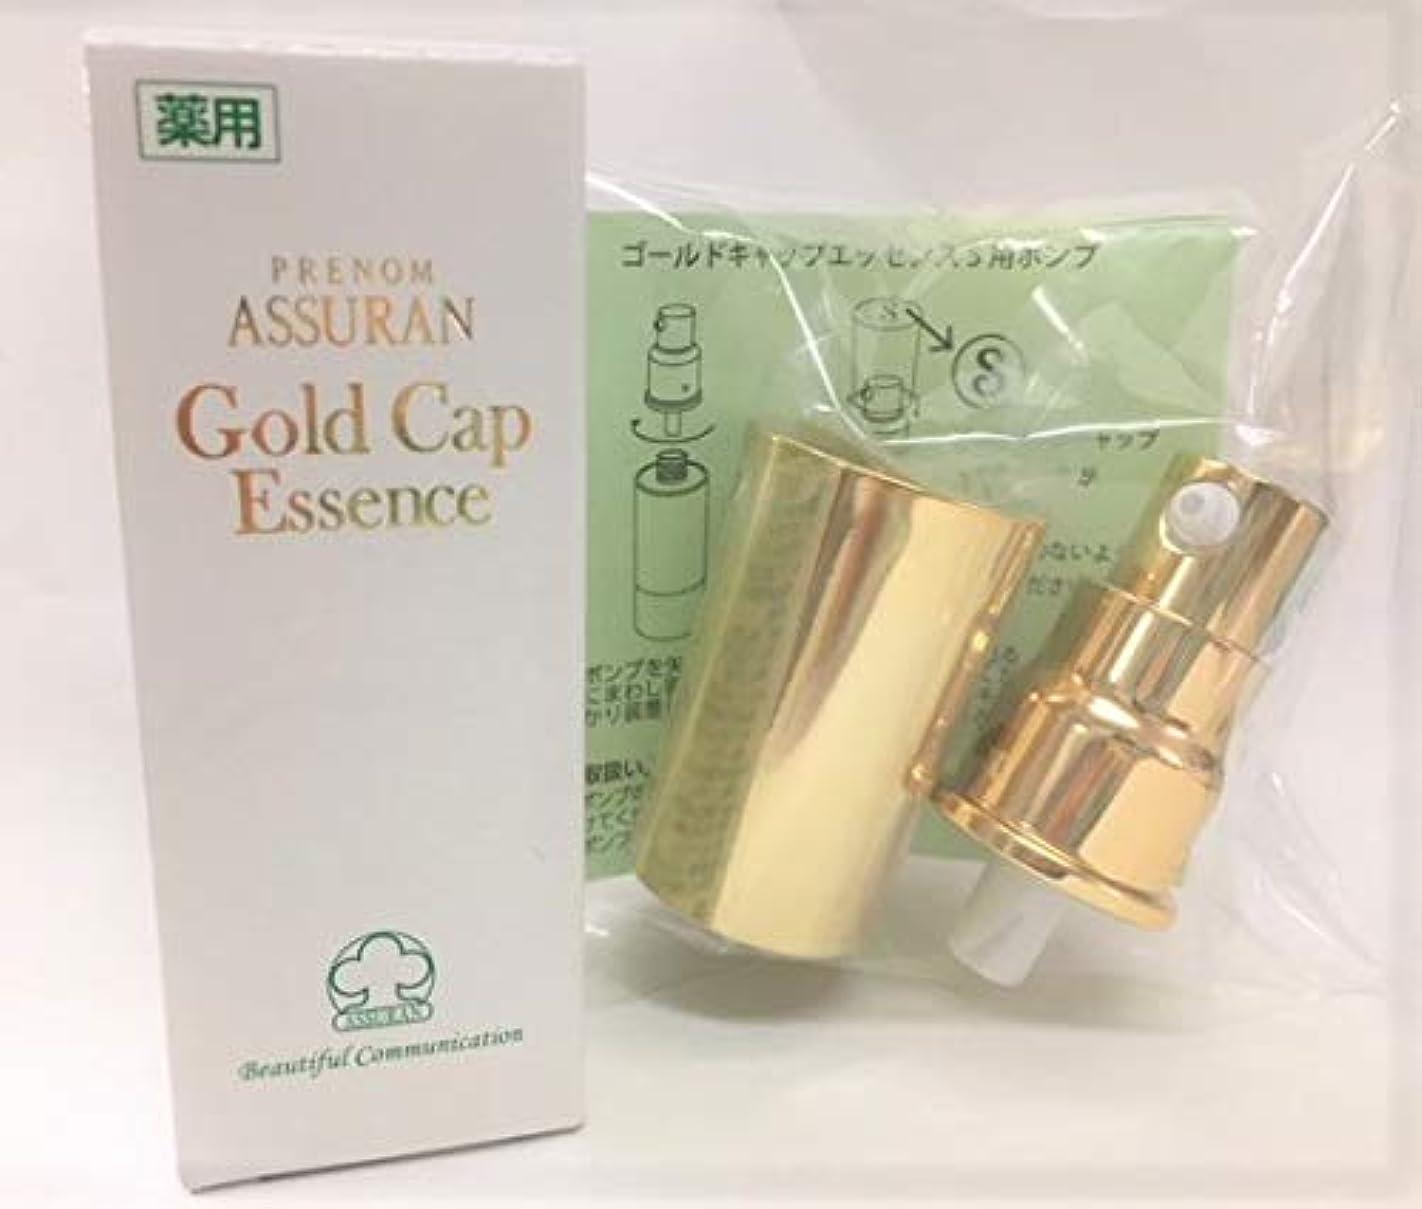 長いです上院議員美容師【ポンプ付】 アシュラン 薬用 ゴールドキャップエッセンス S 15g